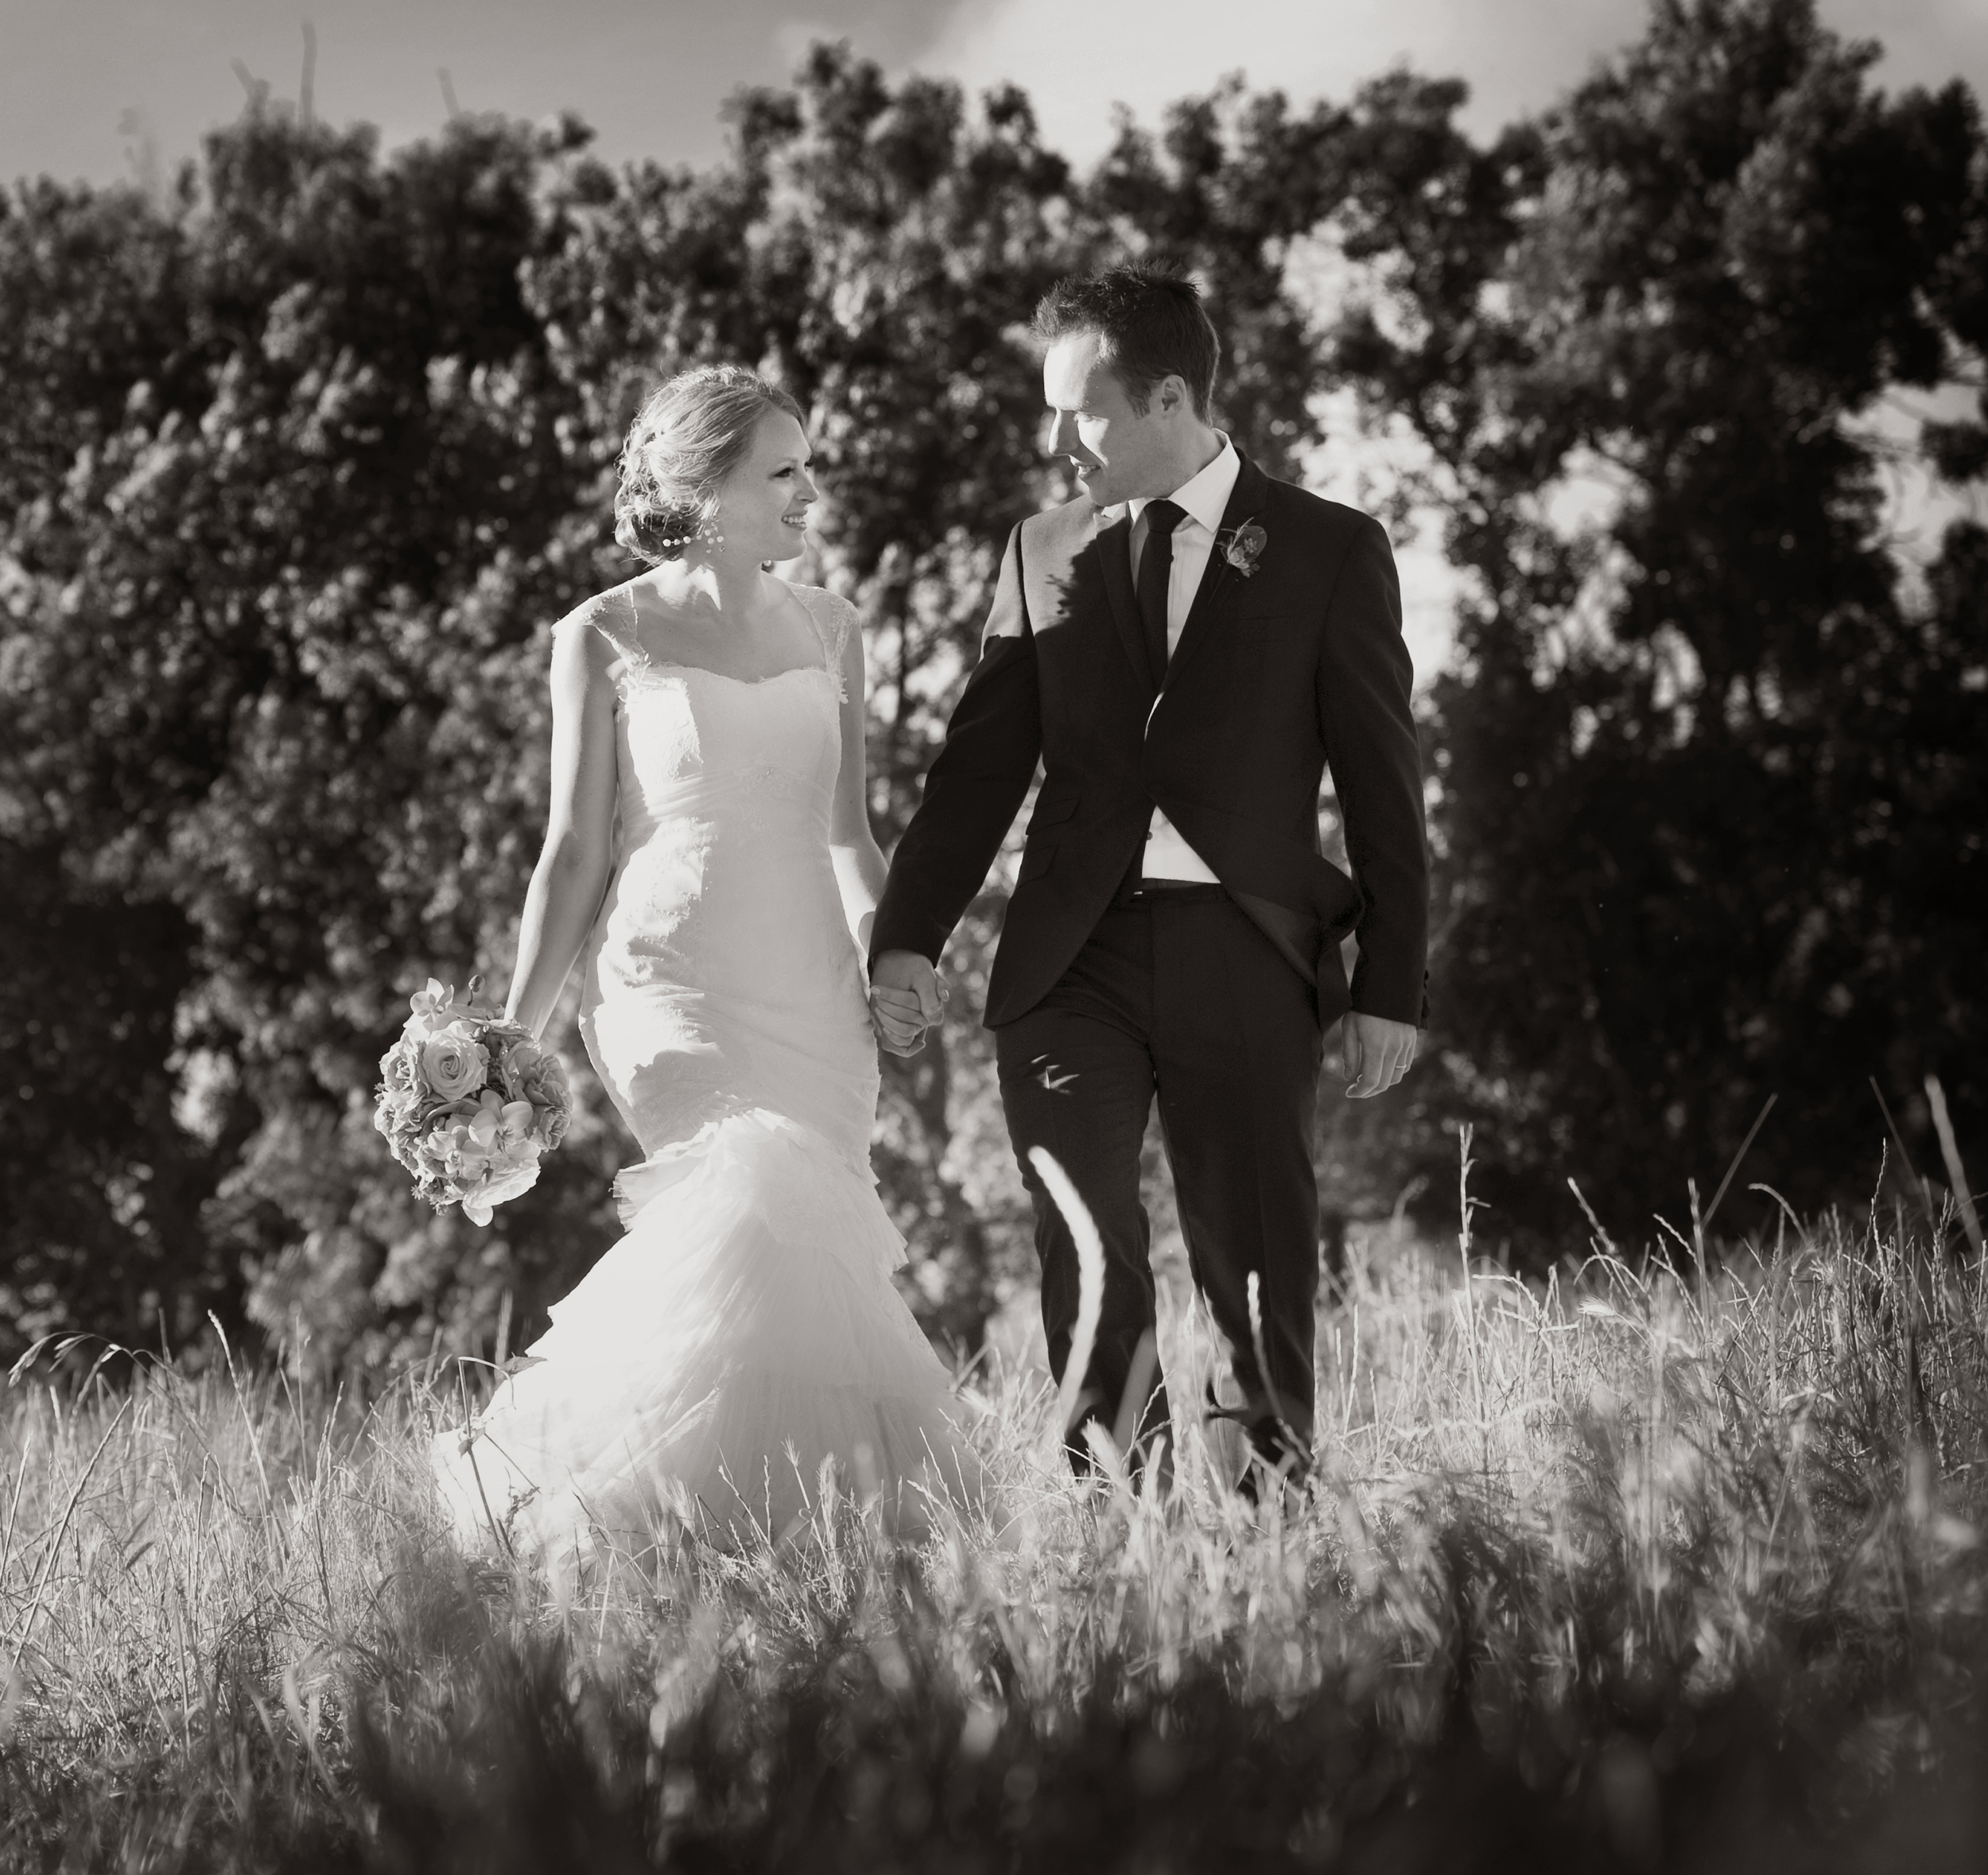 euroa_butter_factory_wedding_photography_78.jpg